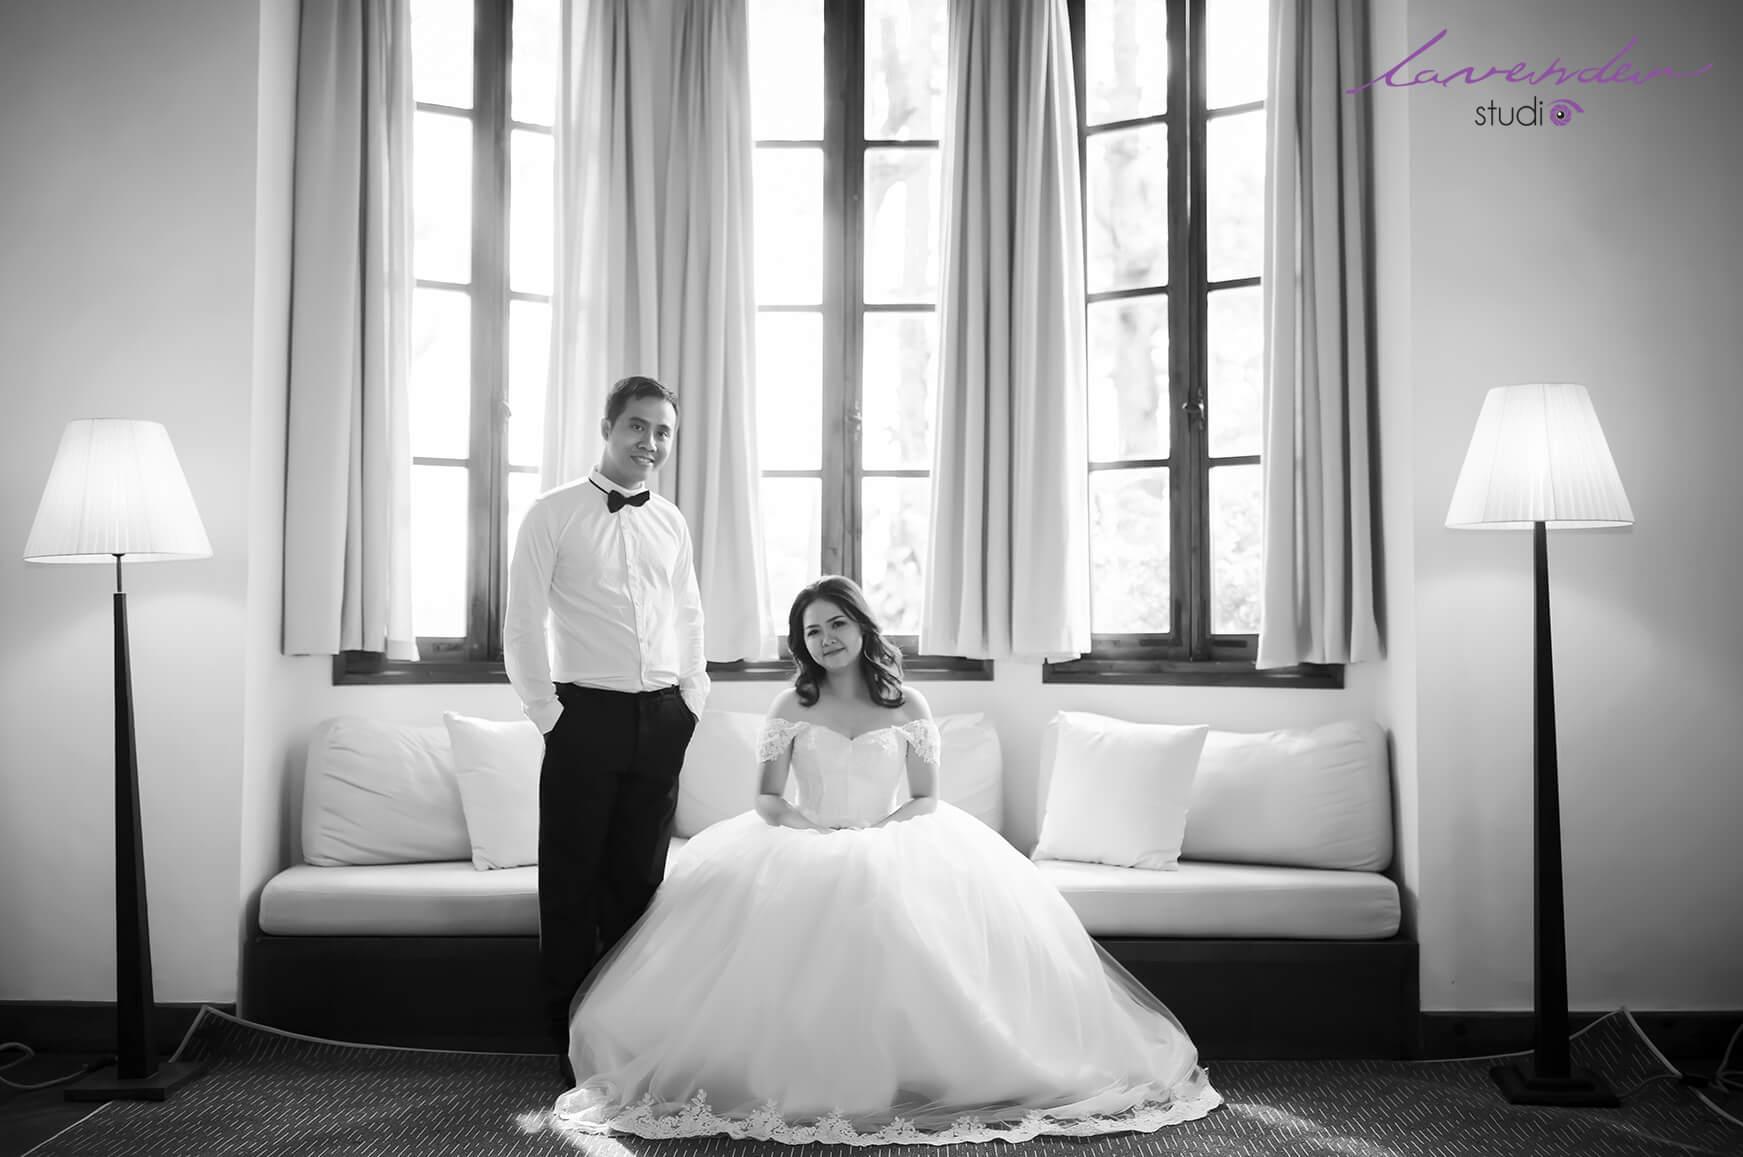 studio chụp ảnh cưới giá rẻ tại Đà Lạt